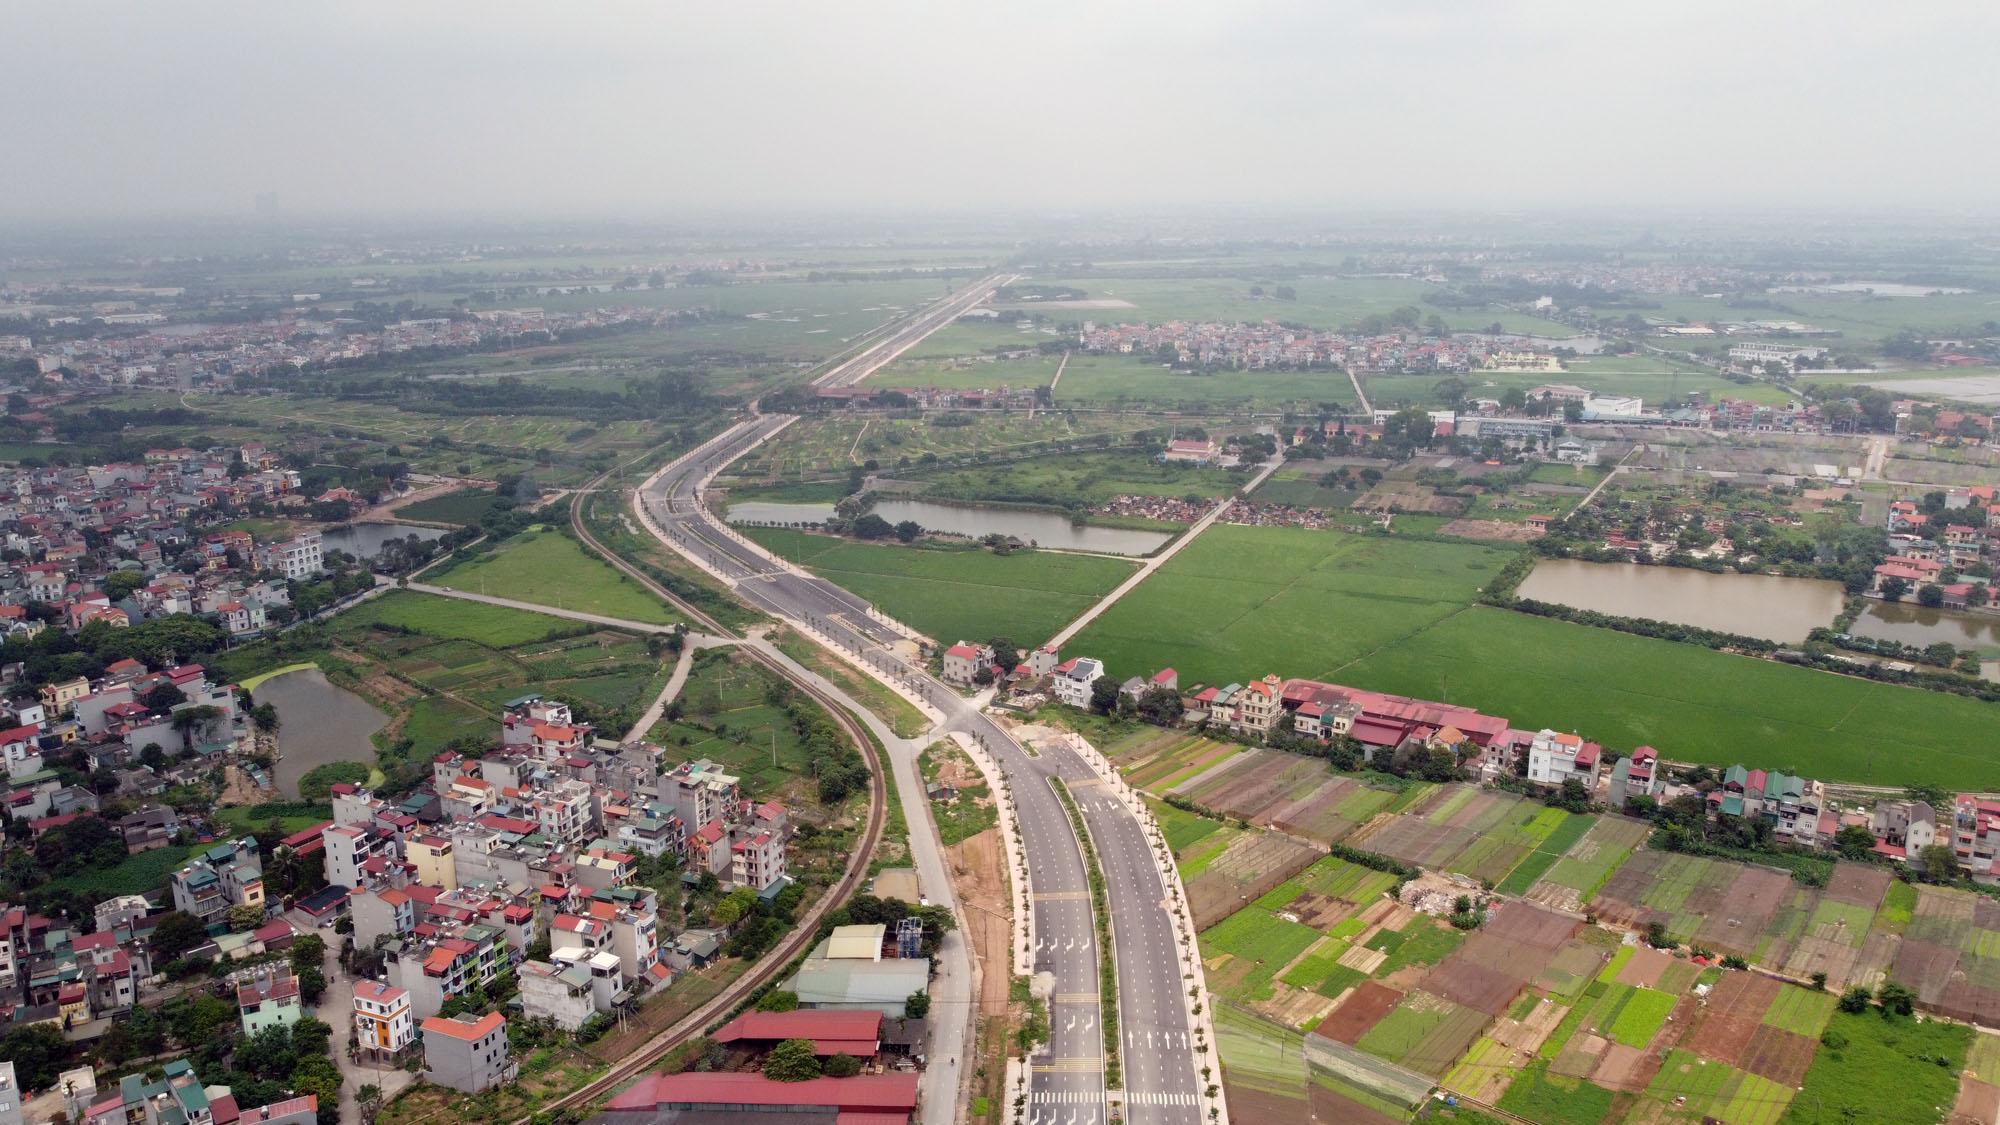 Khởi công cao tốc Diễn Châu - Bãi Vọt, Nha Trang - Cam Lâm và Cam Lâm - Vĩnh Hảo trong quý II/2021 - Ảnh 1.